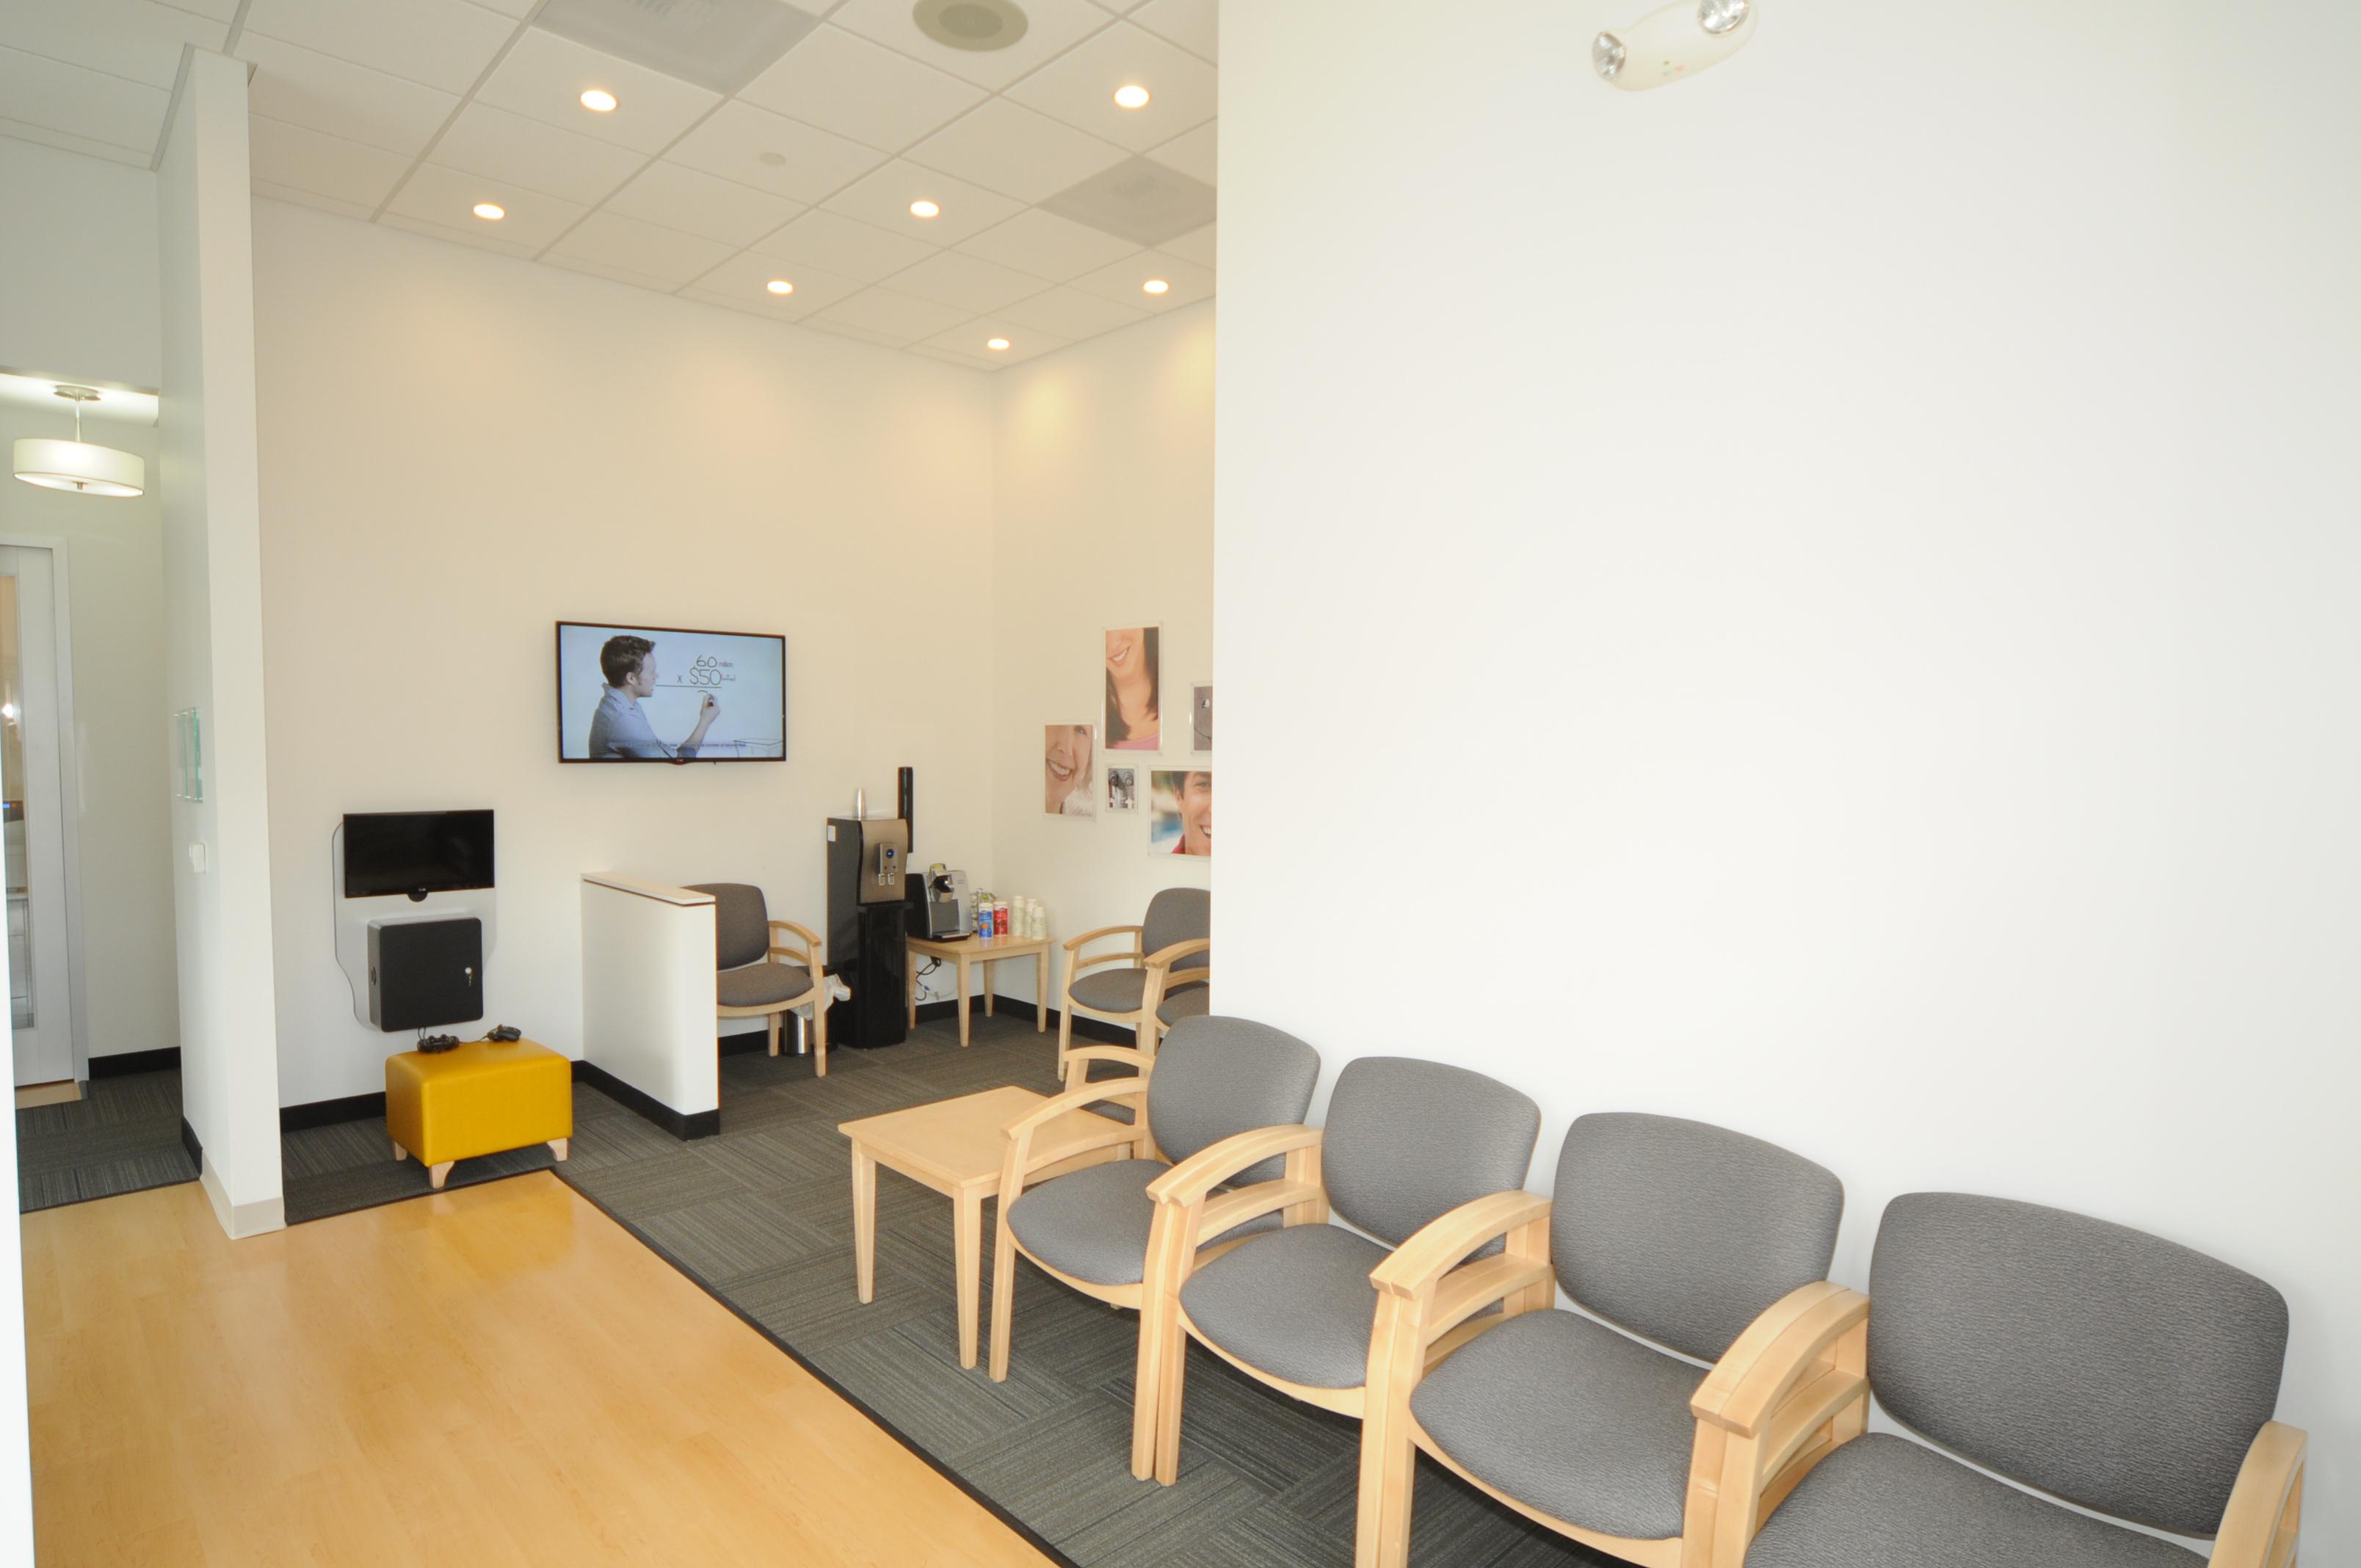 Issaquah Highlands Dental Group image 6